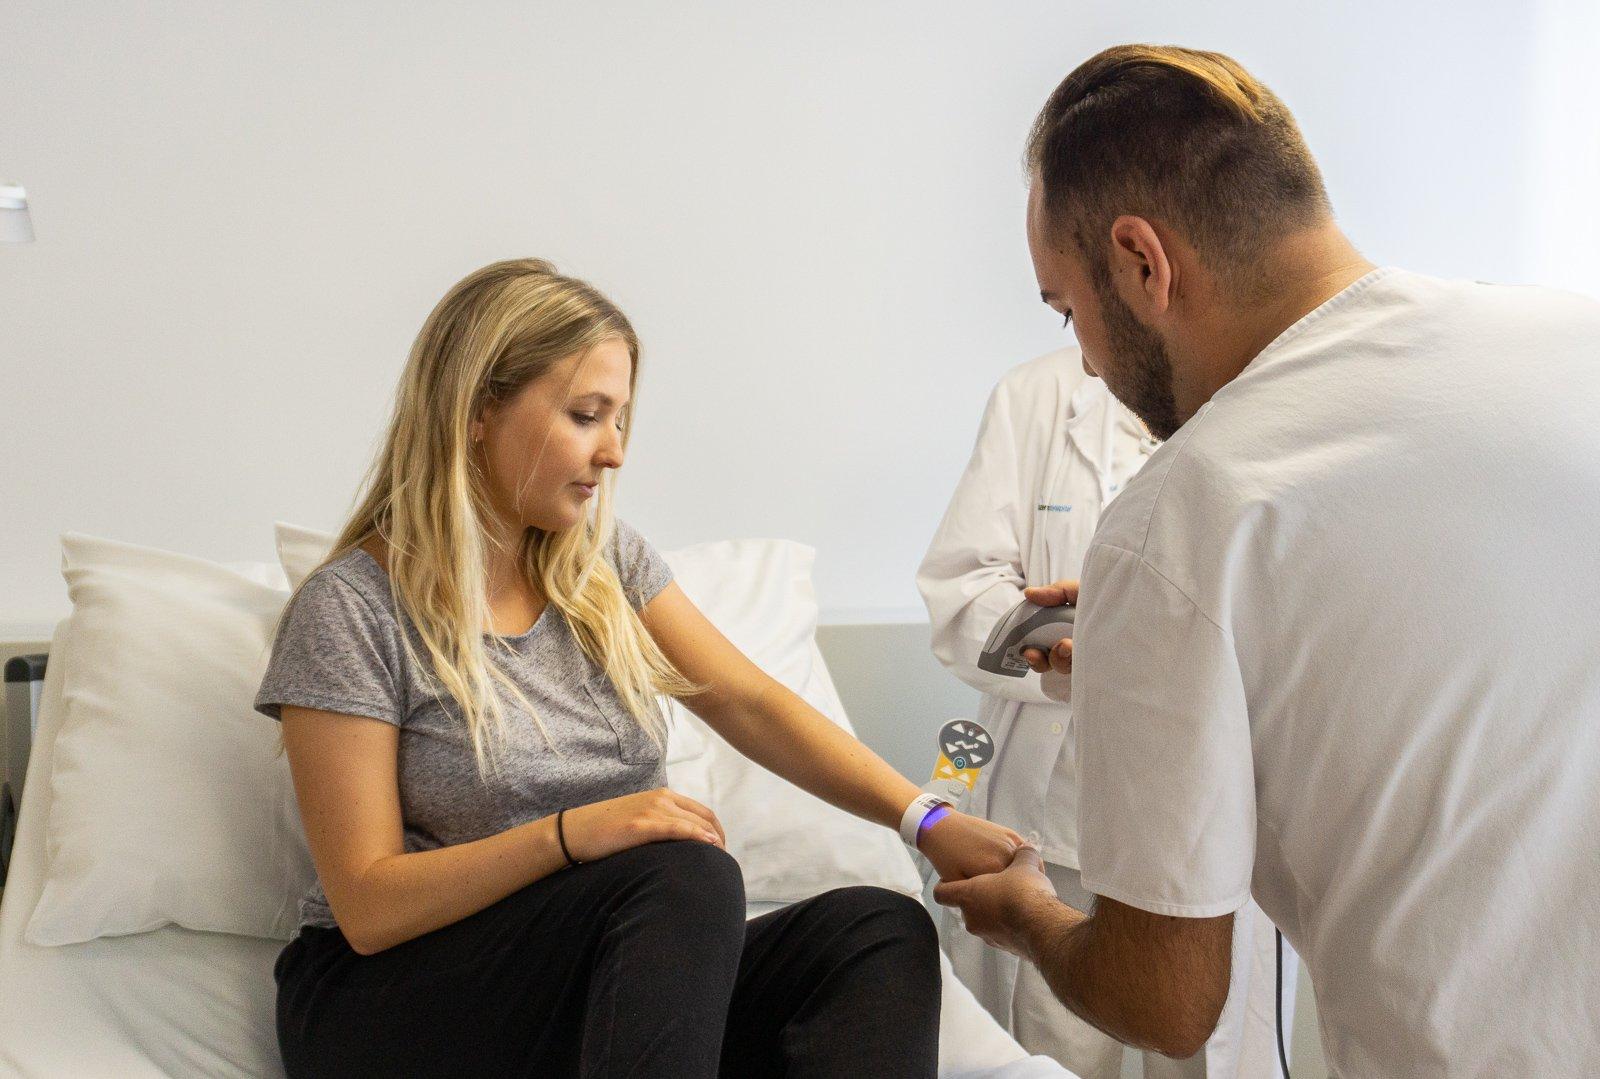 Der Pfleger kann mit einem Scanner die Daten der Patientin abrufen.